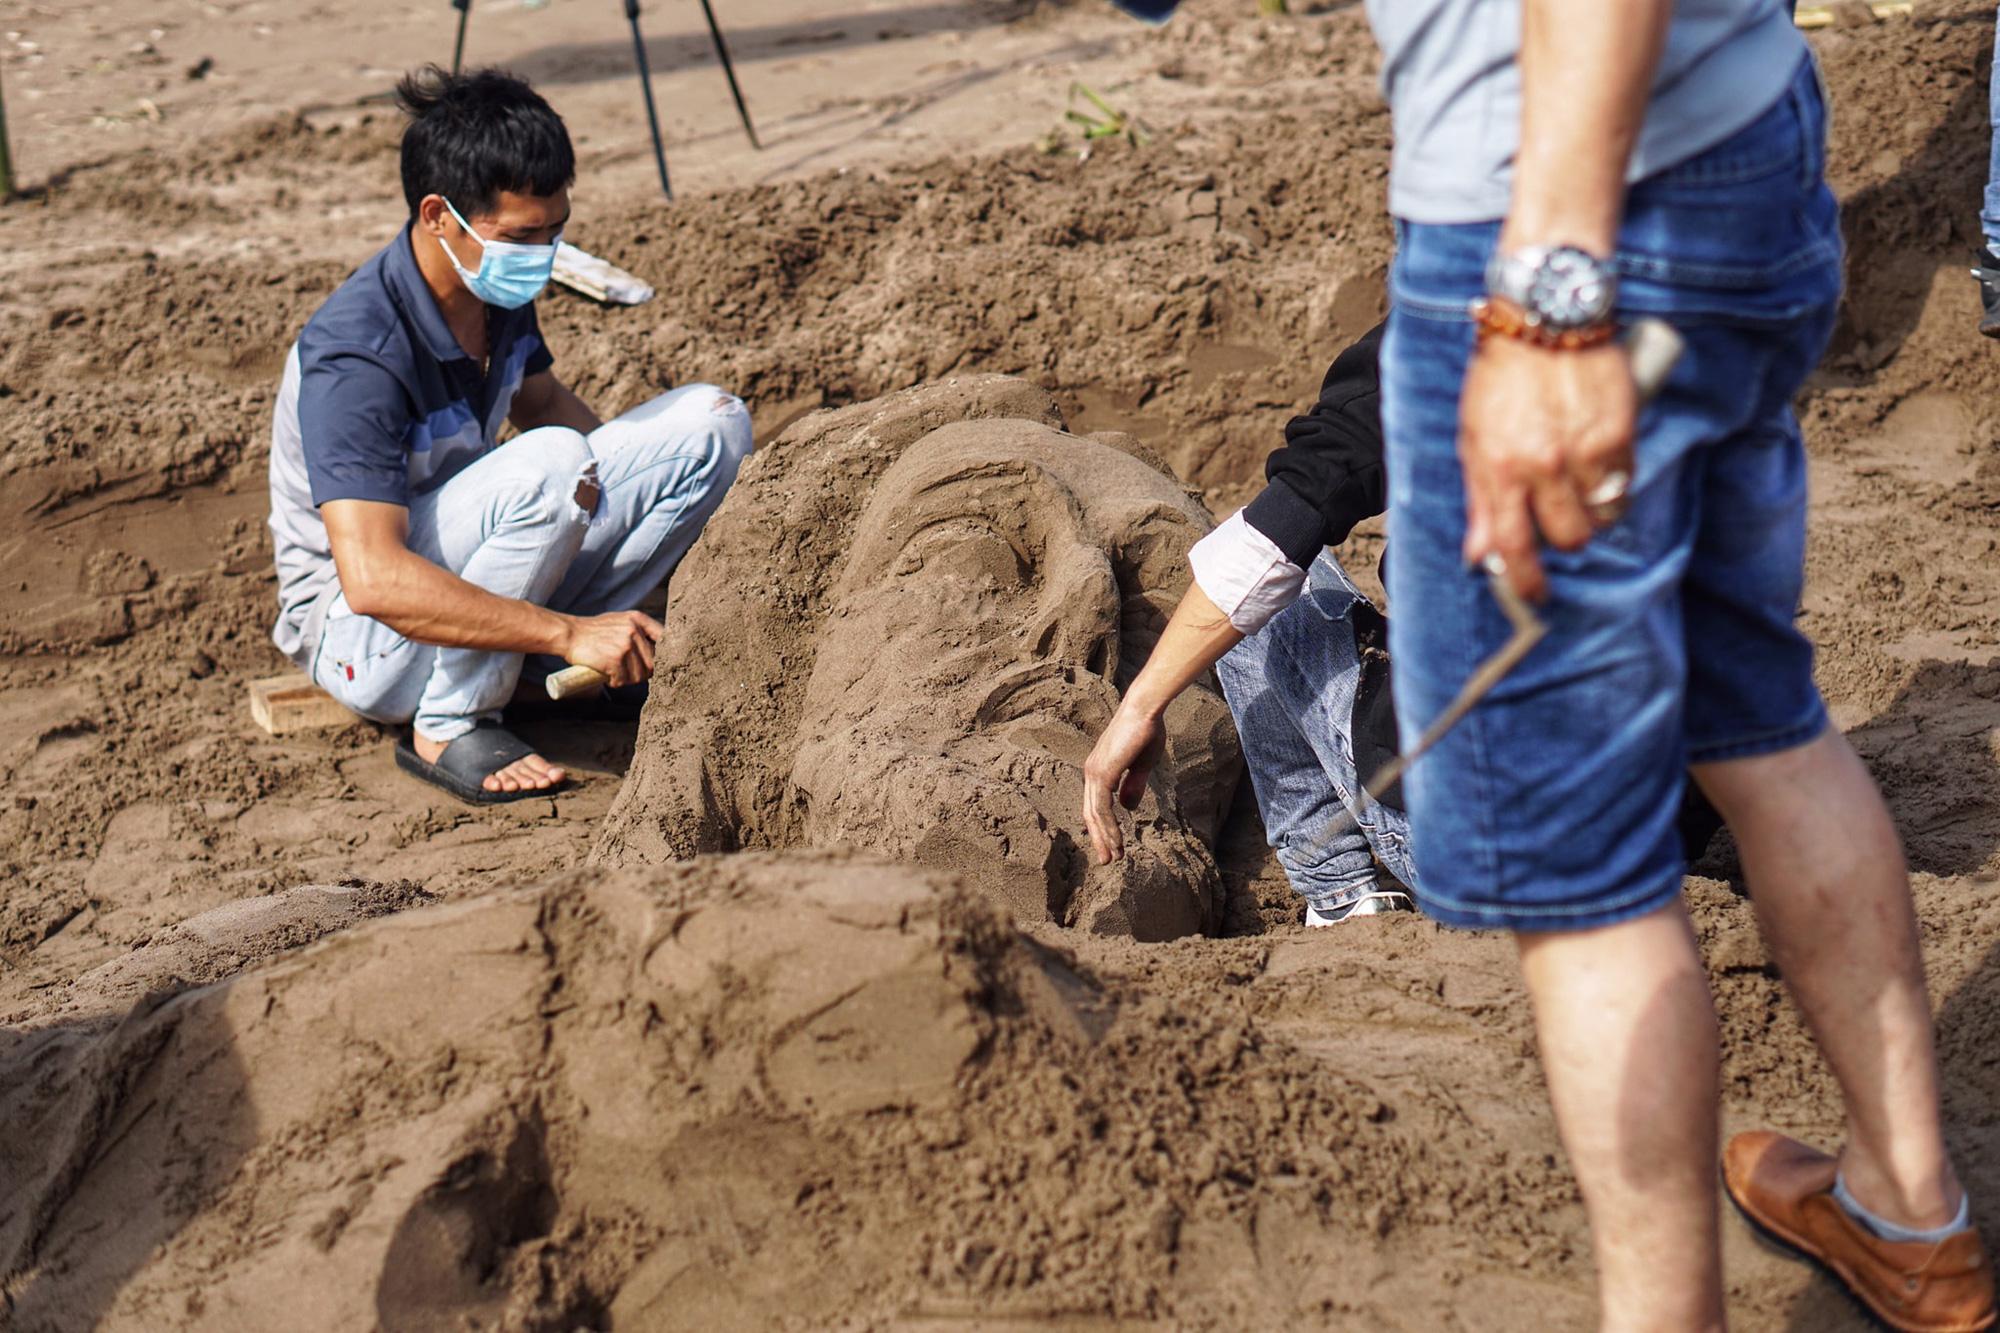 """Nam Định: Độc đáo tác phẩm """"Chúa sẽ che chở cho thế giới thoát khỏi đại dịch Covid-19"""" trên bãi biển - Ảnh 4."""